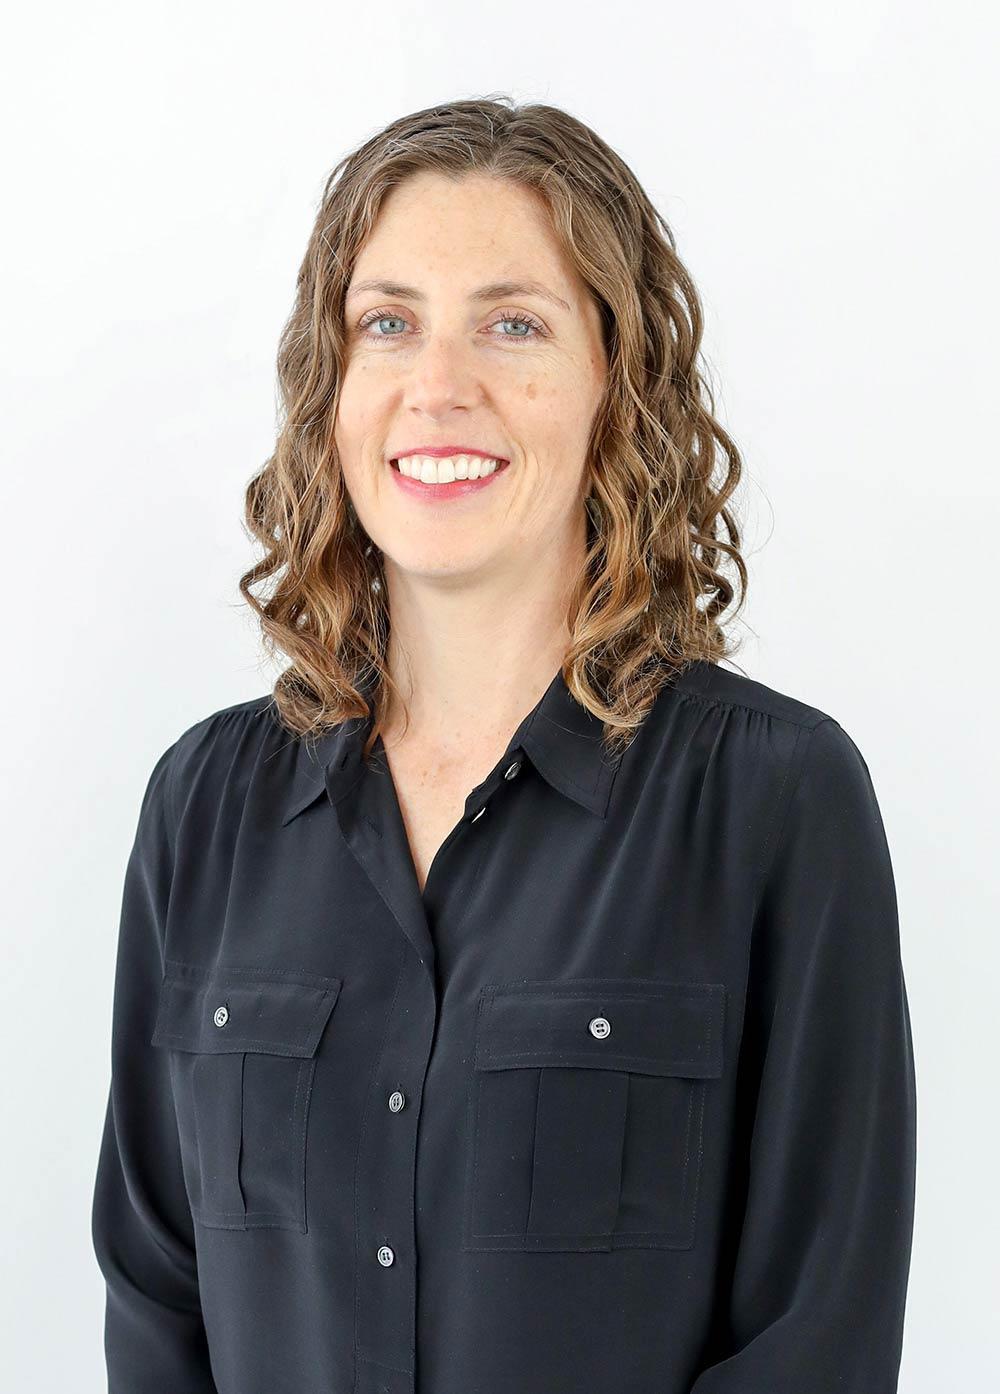 Headshot of Sarah Campbell